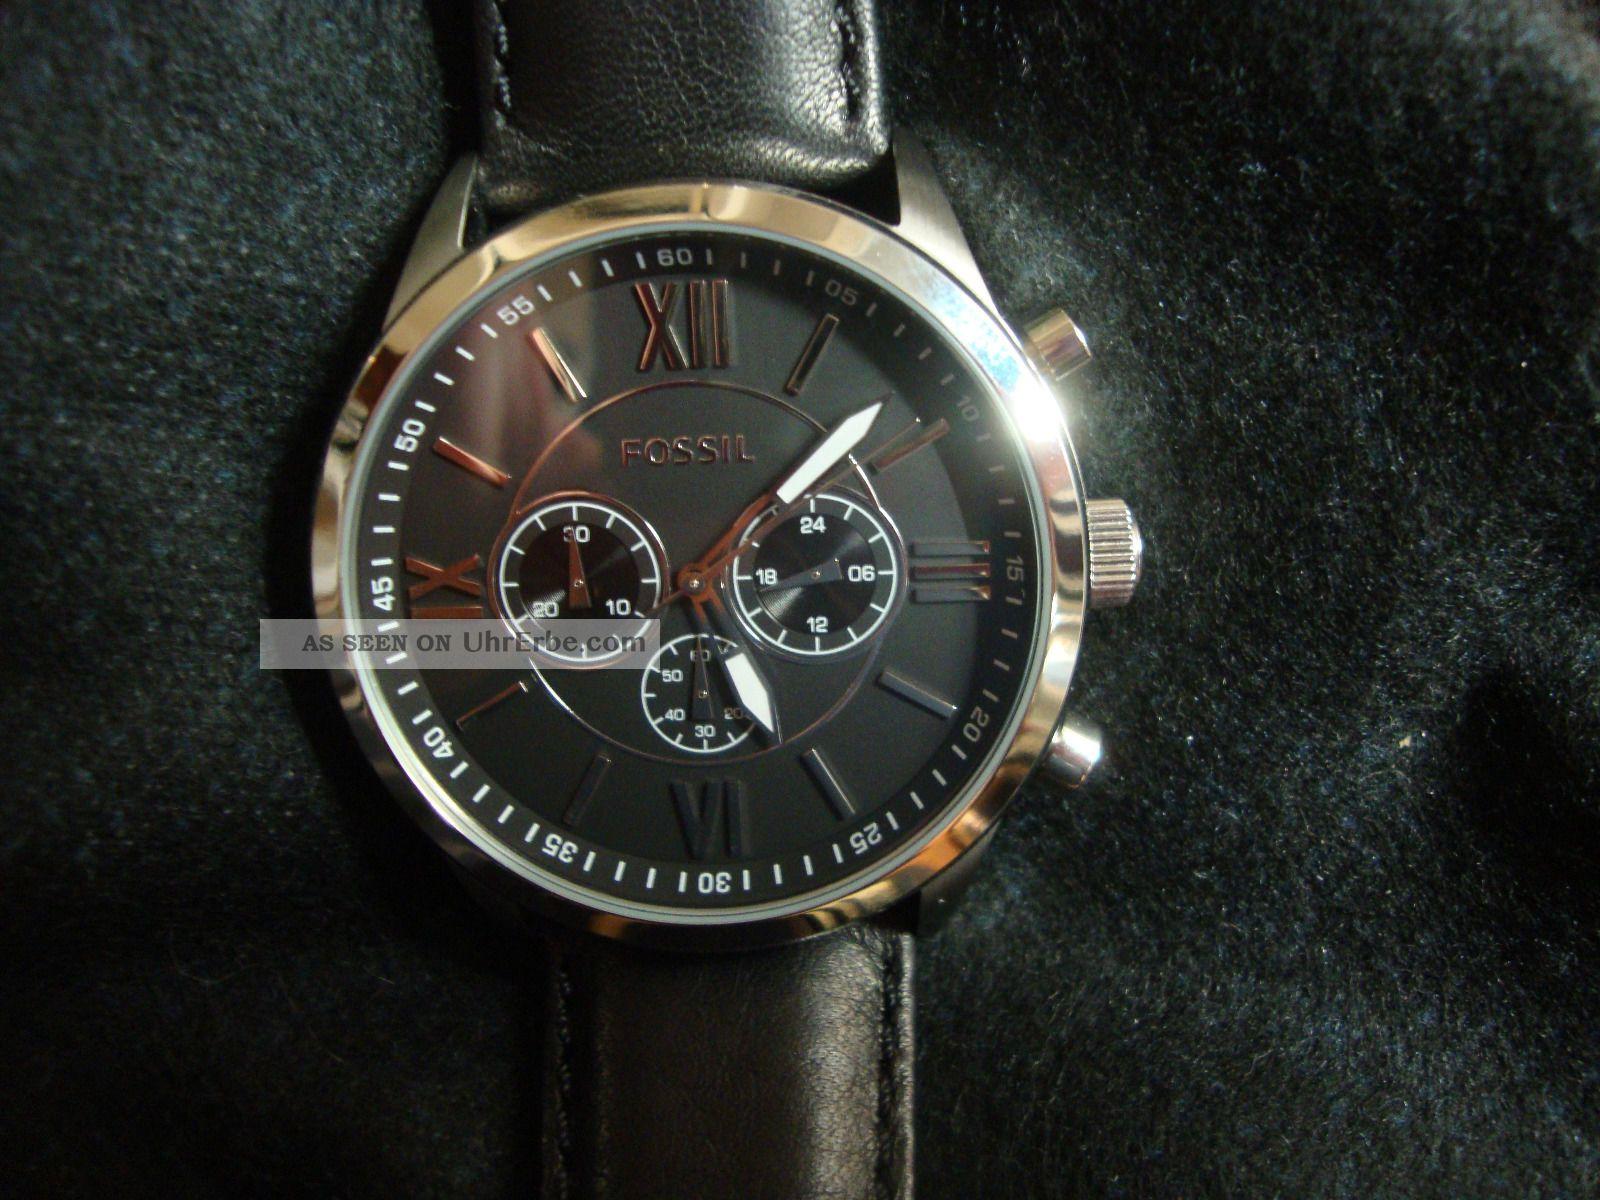 2 J Mit 1130 Silber Fossil Uhr Bq Chronograph Herren Schwarz USMpqzV